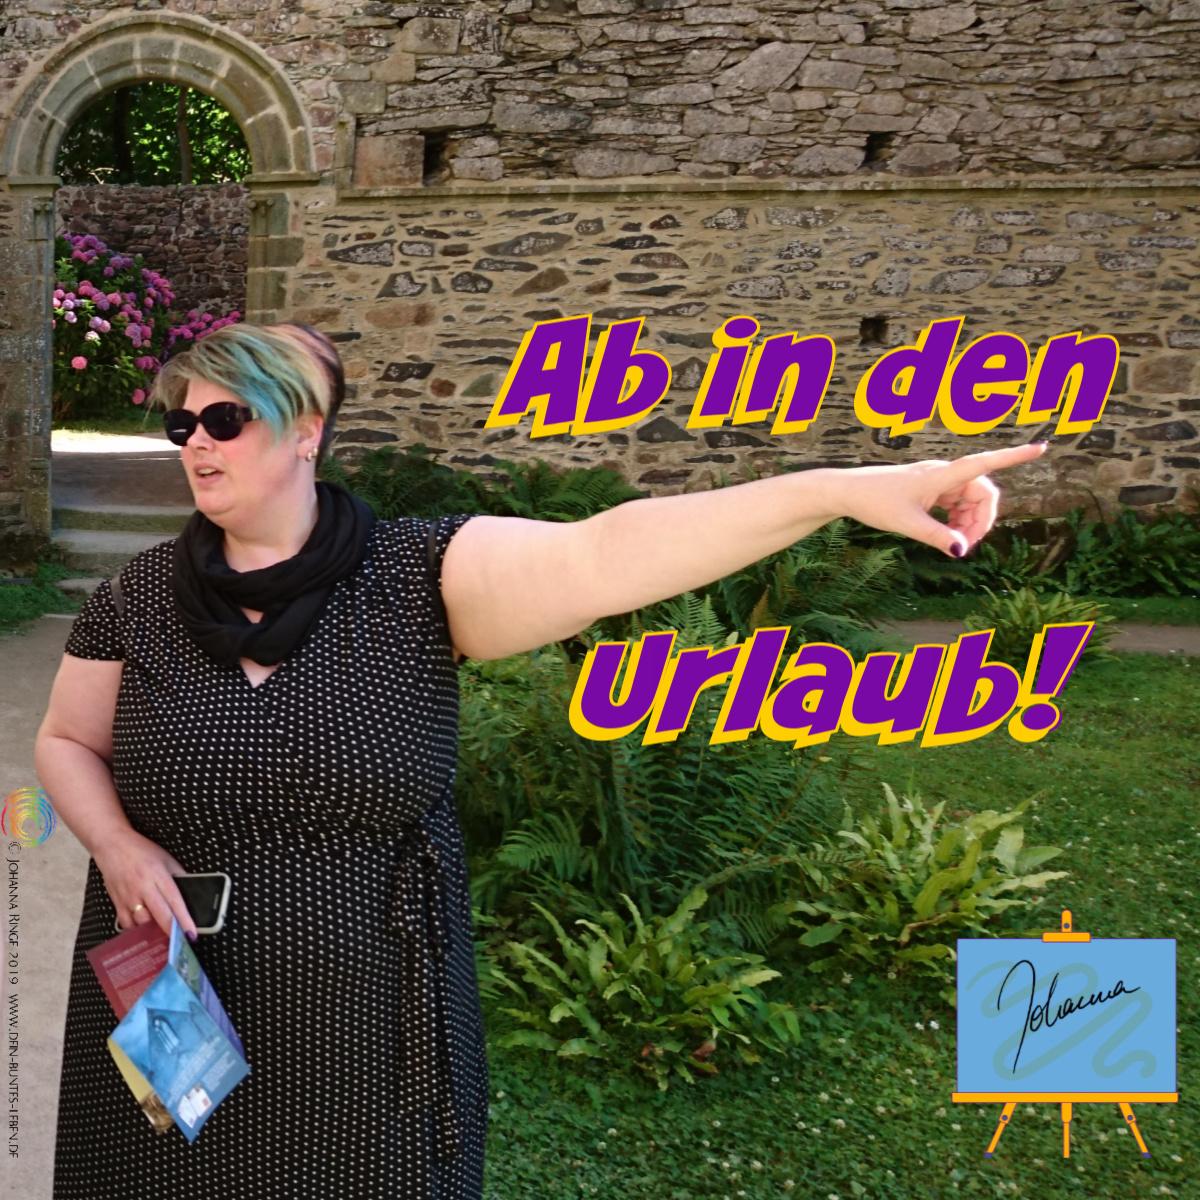 Ab in den Urlaub als Text auf Photo von Johanna im Urlaub. ©Johanna Ringe 2019 www.dein-buntes-leben.de